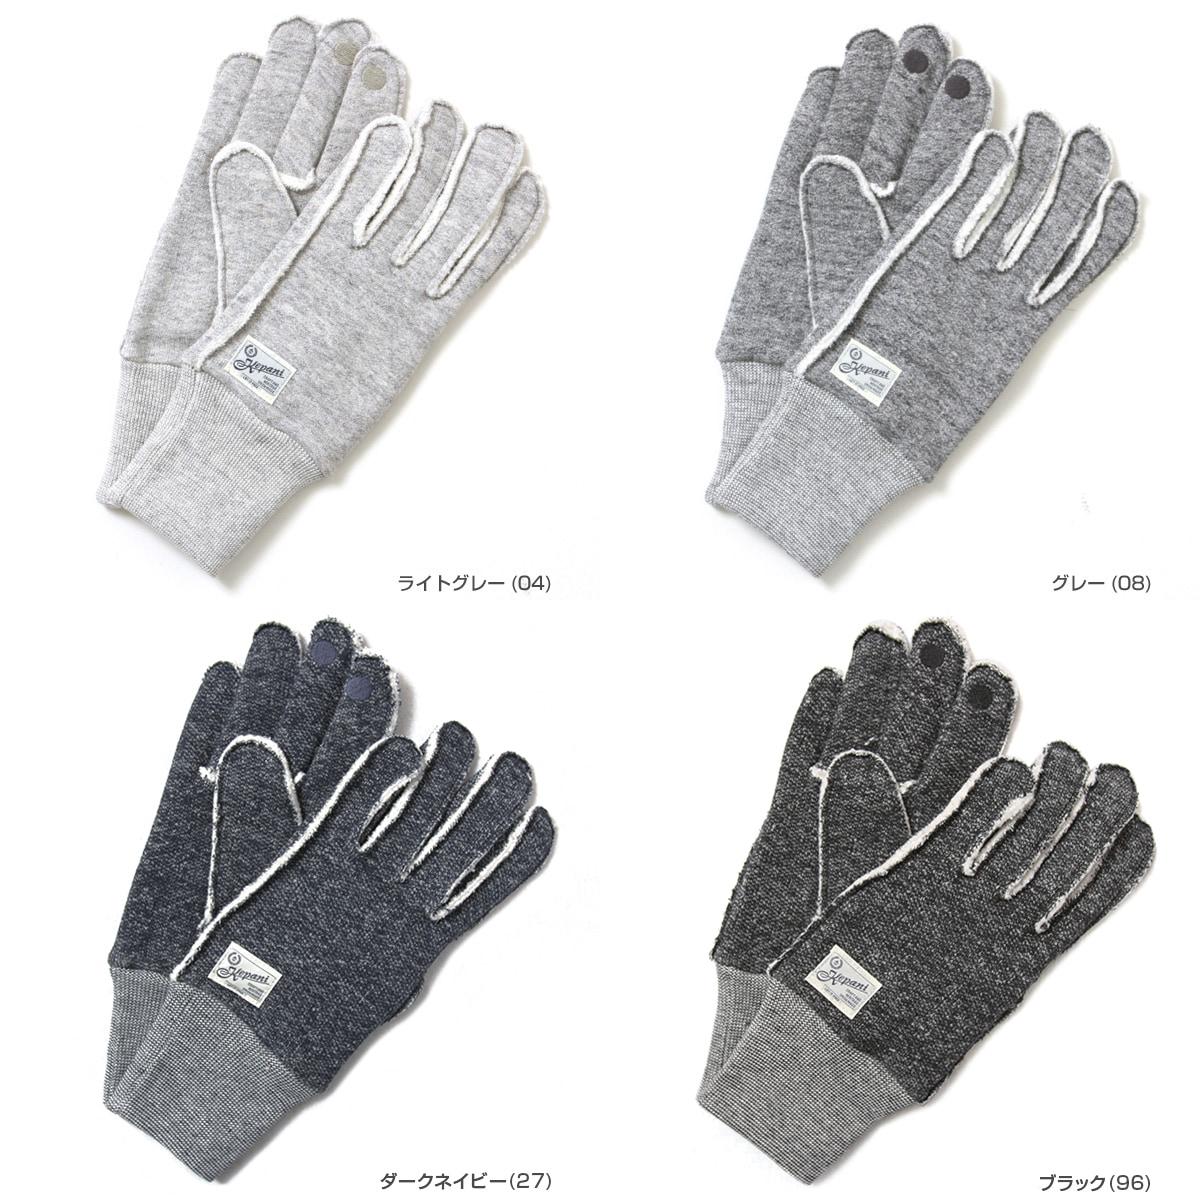 Kepani ケパニ Saguaro-� 手袋 グローブ スウェット メンズ レディース KP1610MP